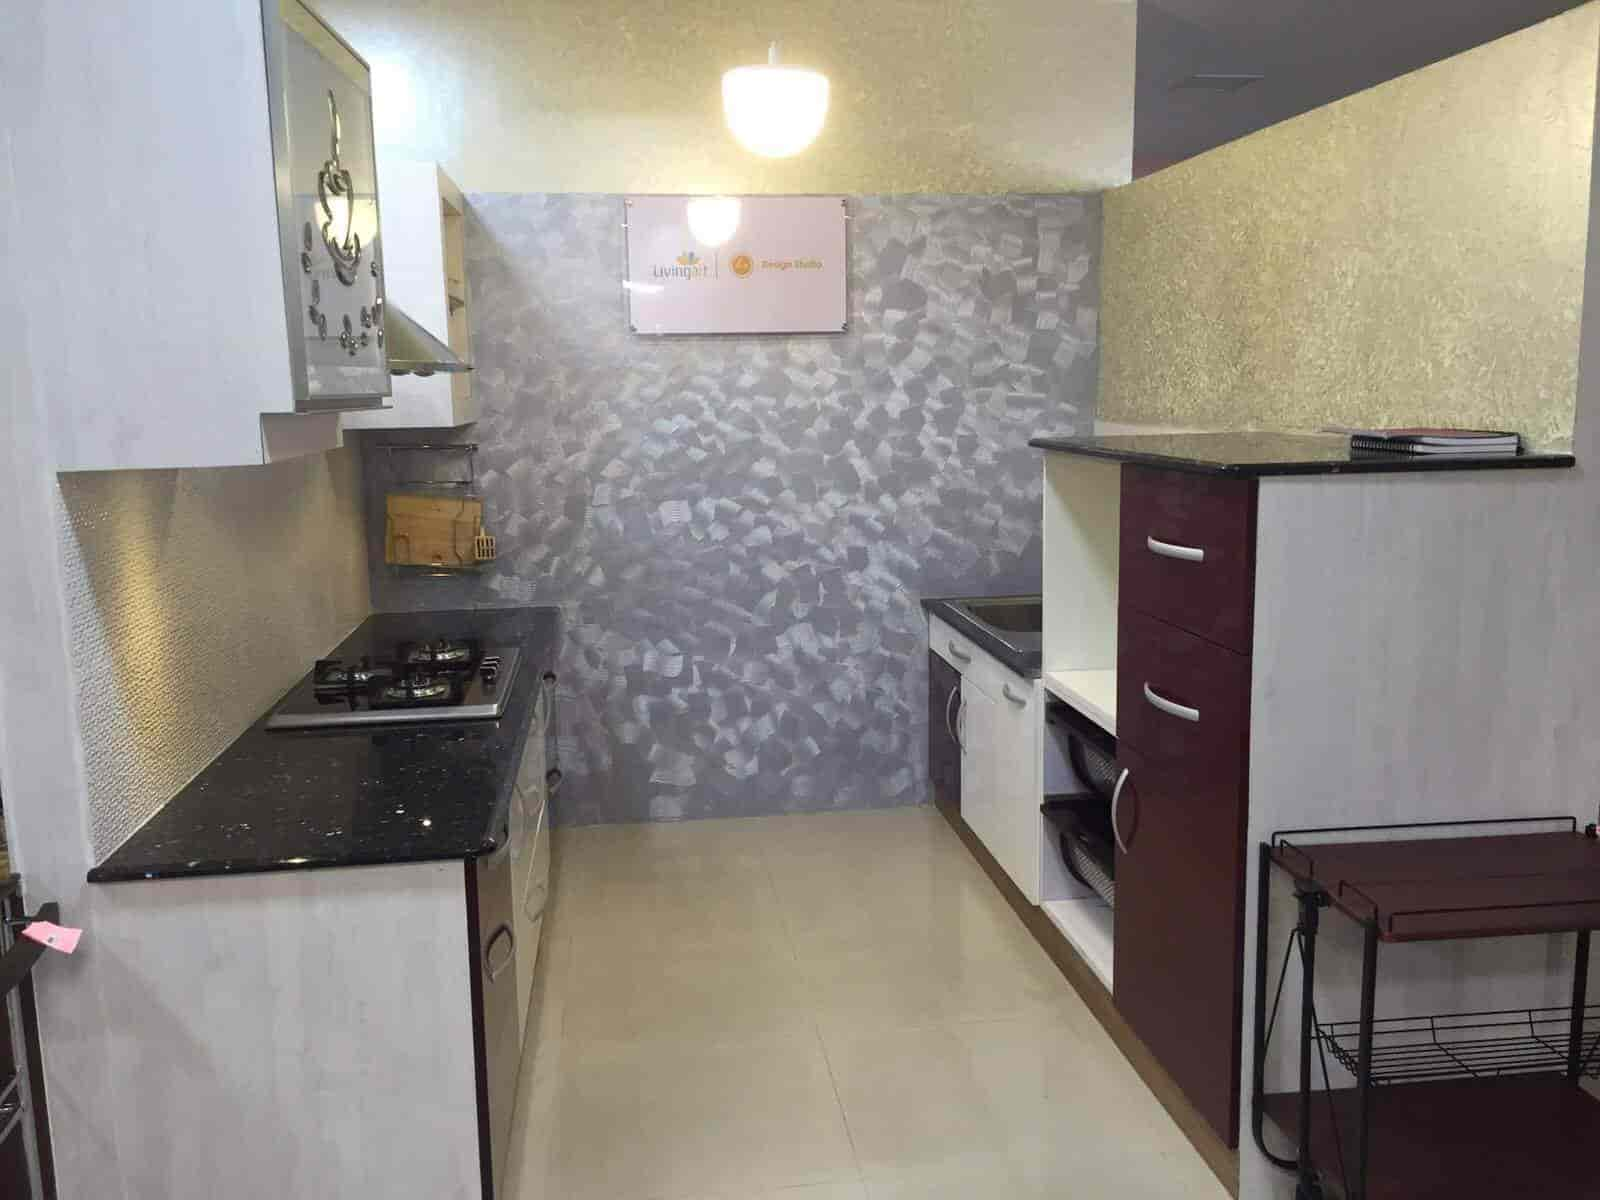 Modular Kitchen  Creative Kitchens & Interiors Photos, Peramanur, Salem